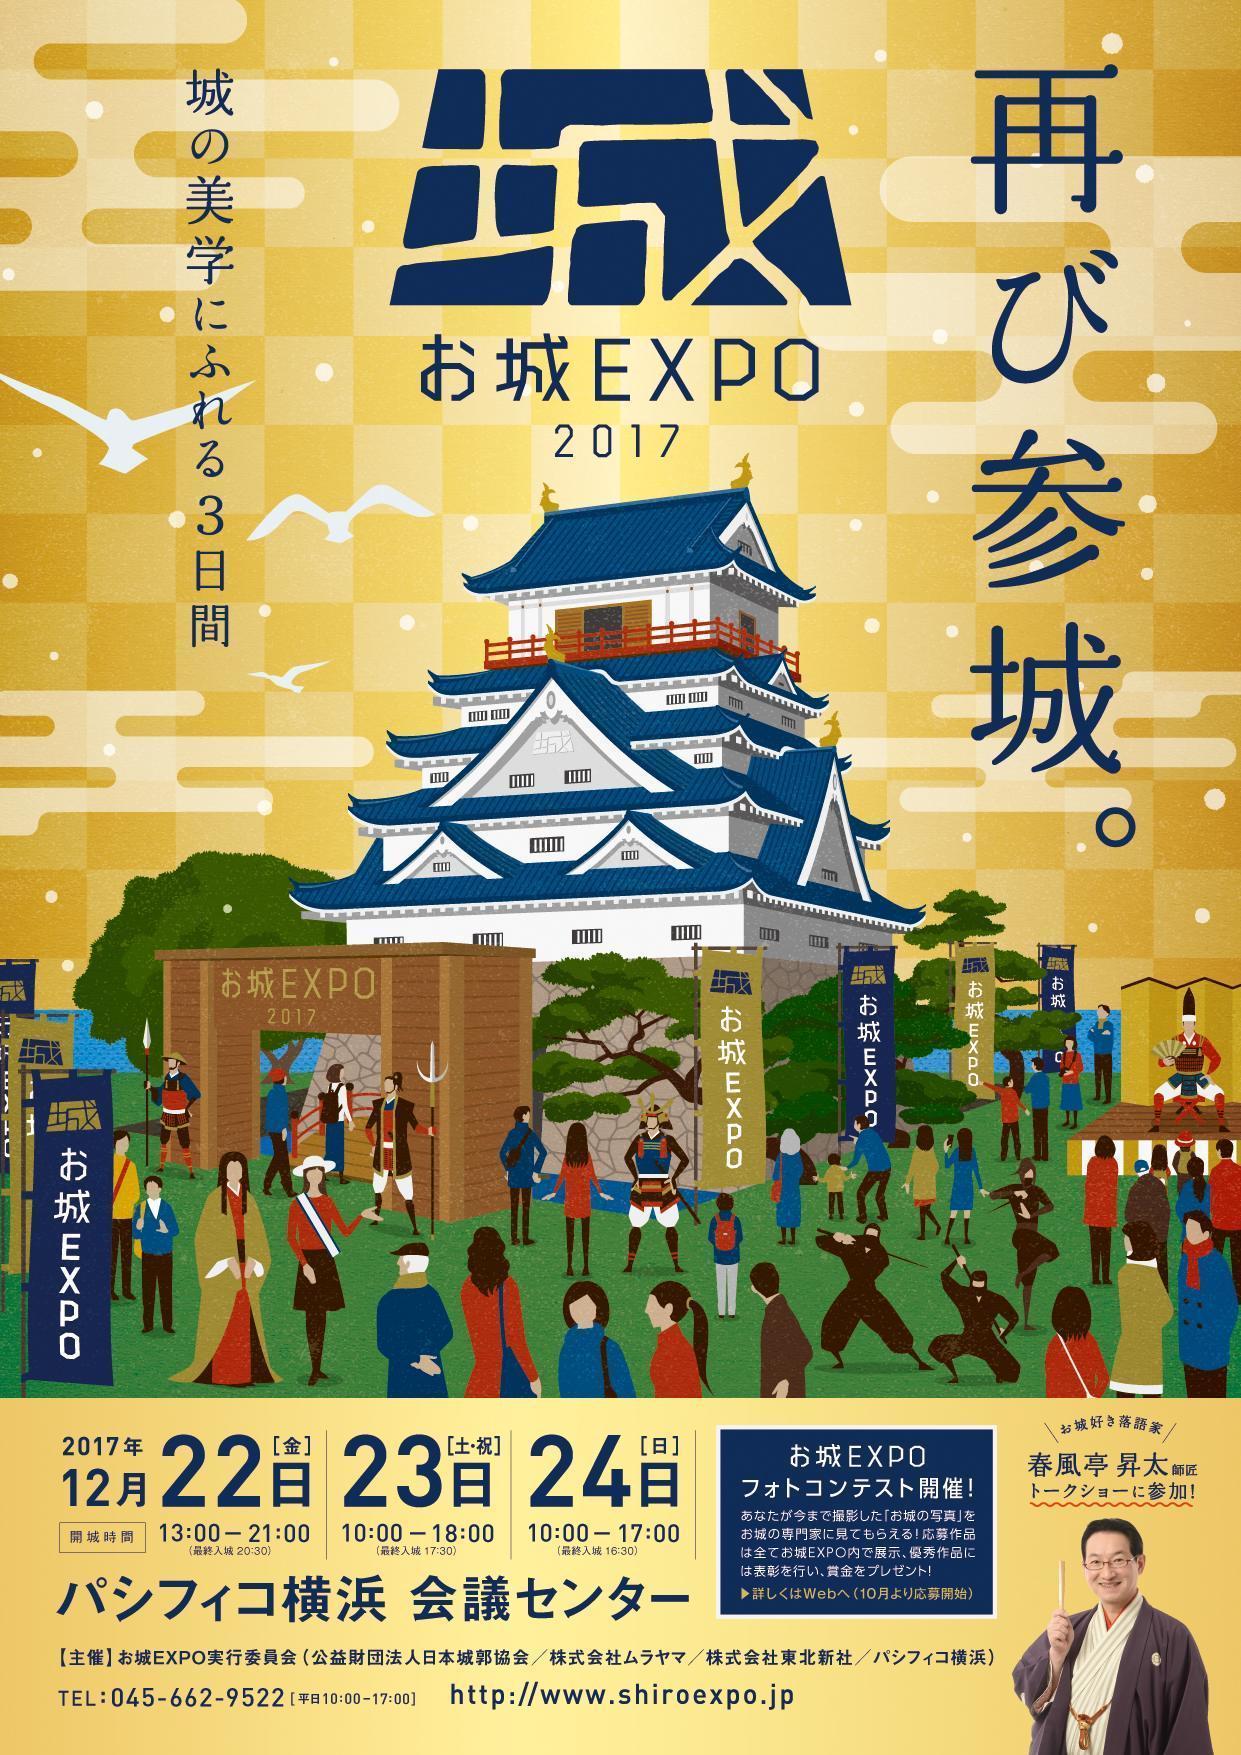 お城EXPO 2017